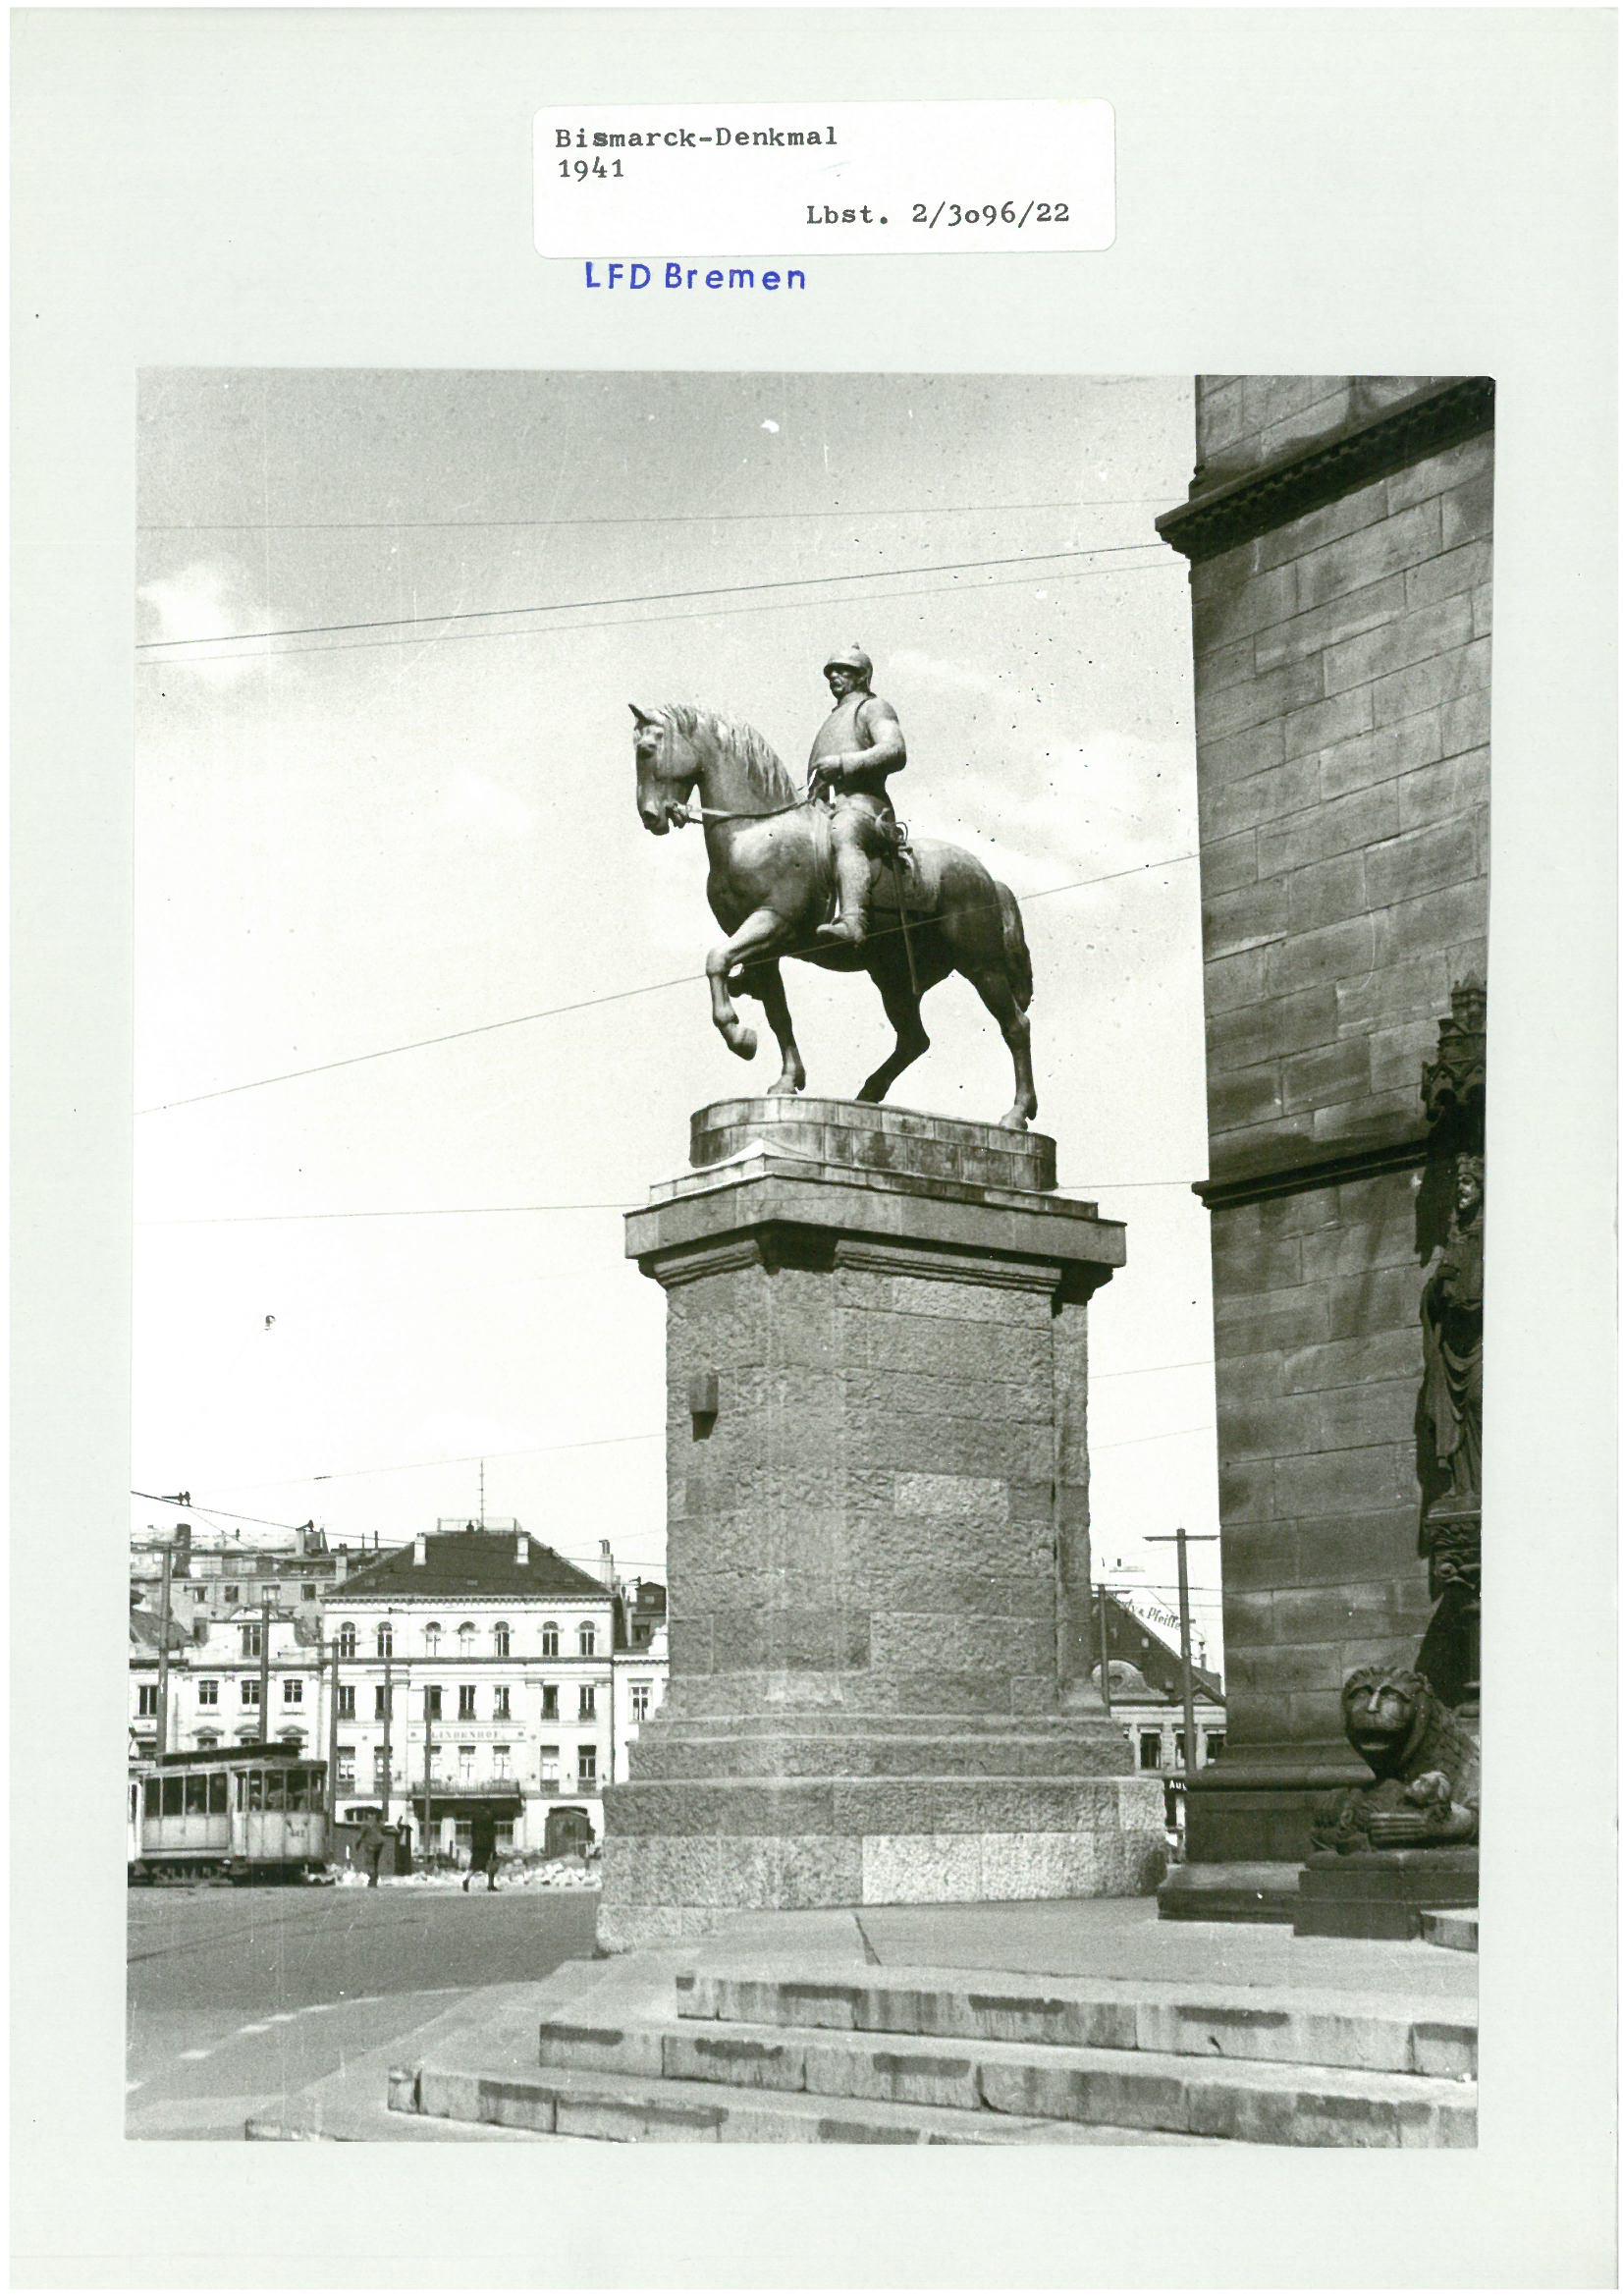 """Eine historische Ansicht des """"Bismarck-Denkmals"""" aus Bronze aus dem Jahre 1941. Es zeigt den ehemaligen Reichskanzler Otto von Bismarck auf einem Pferd sitzend."""